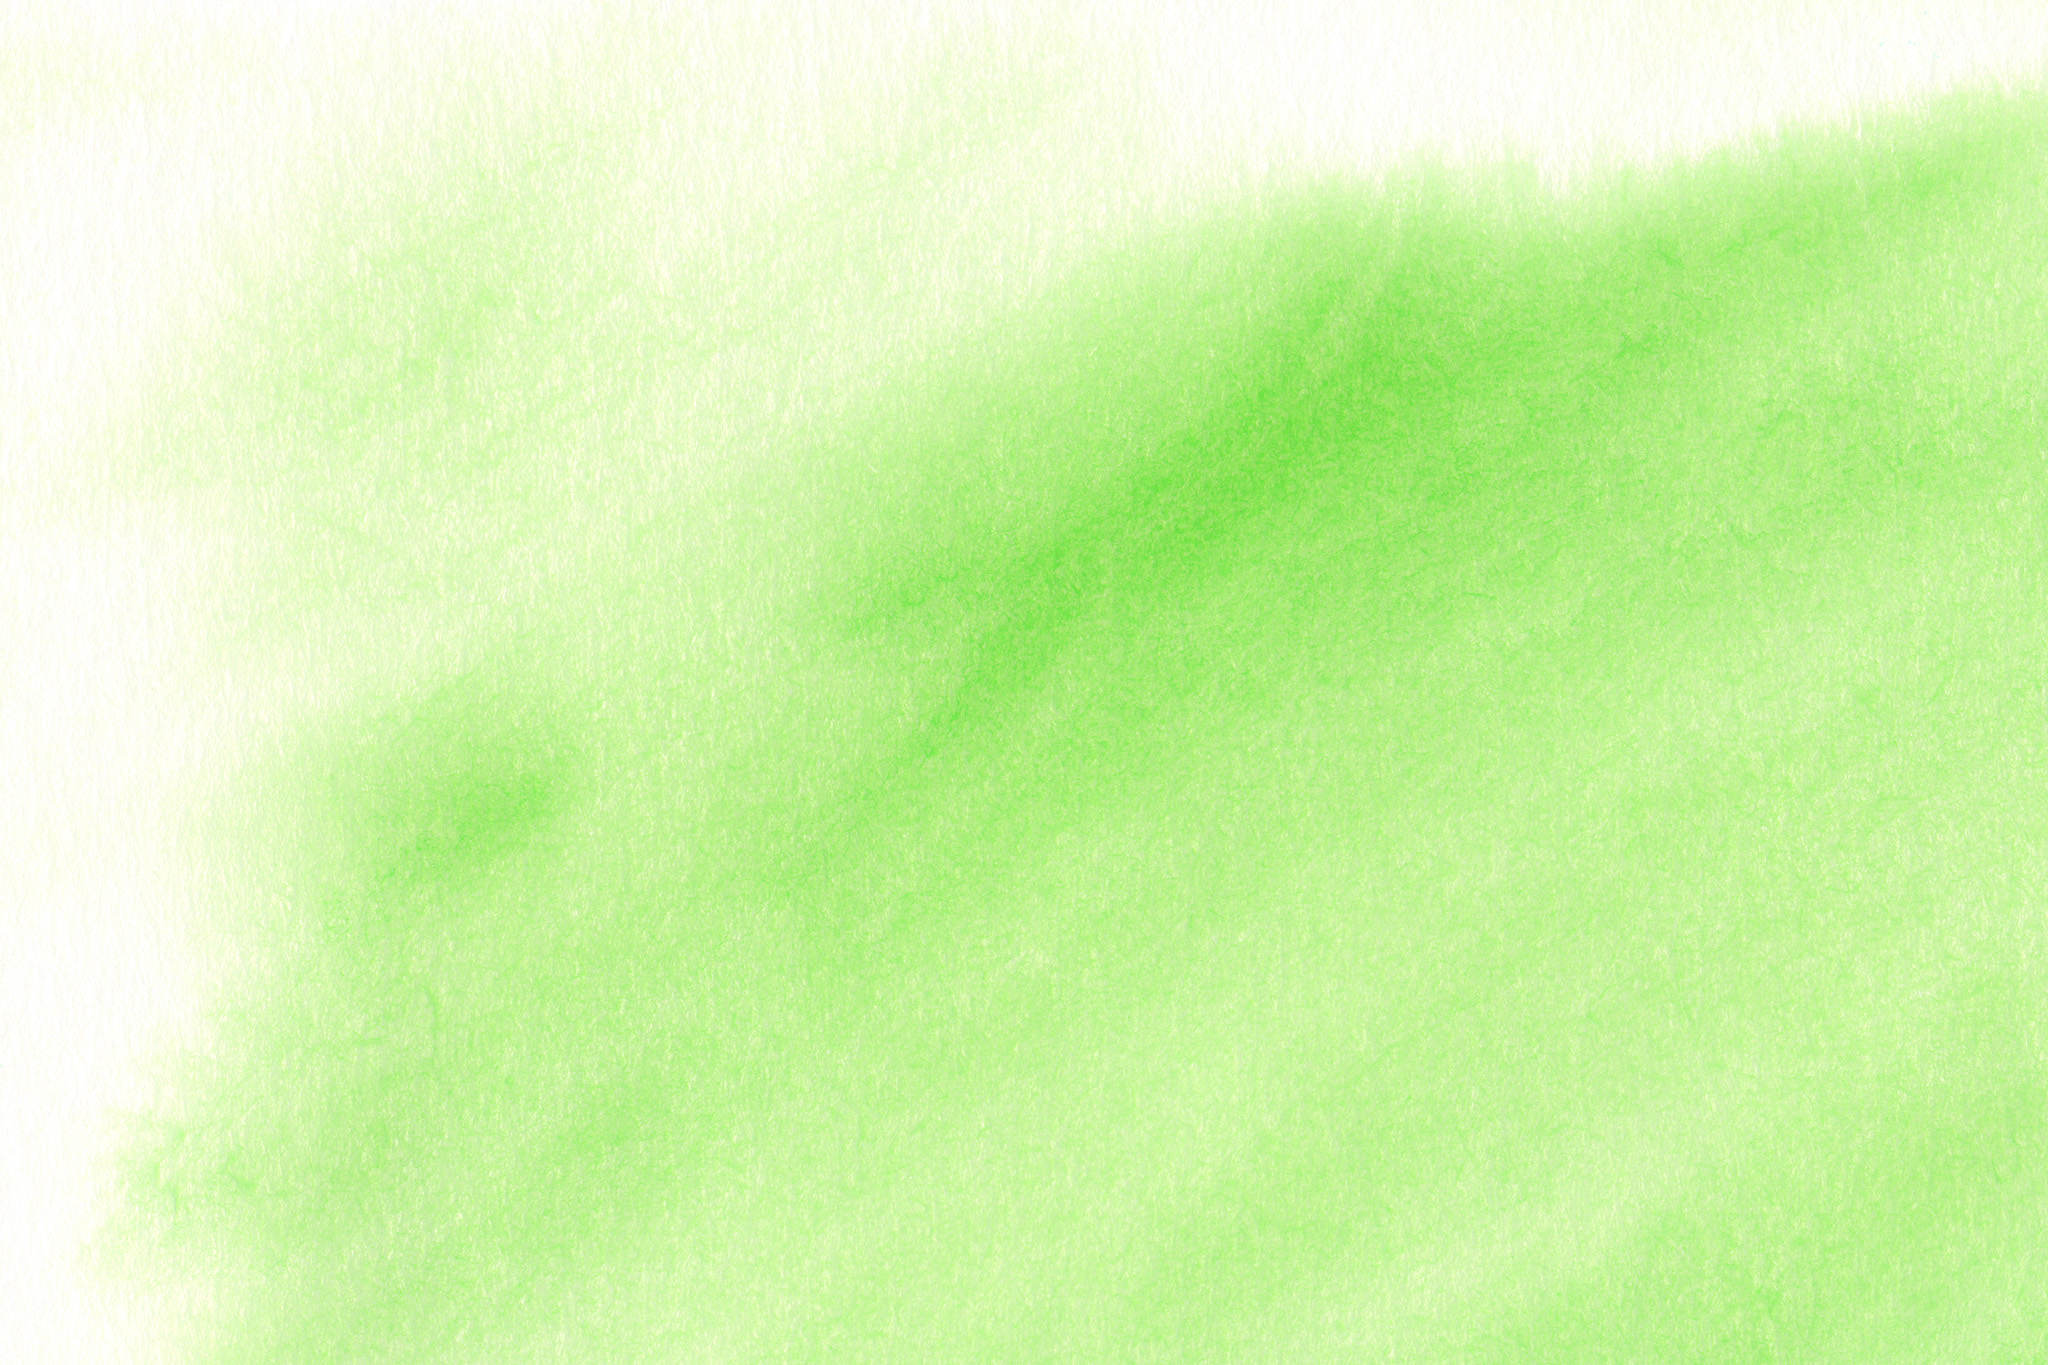 「筆で暈した黄緑色のグラデーション」